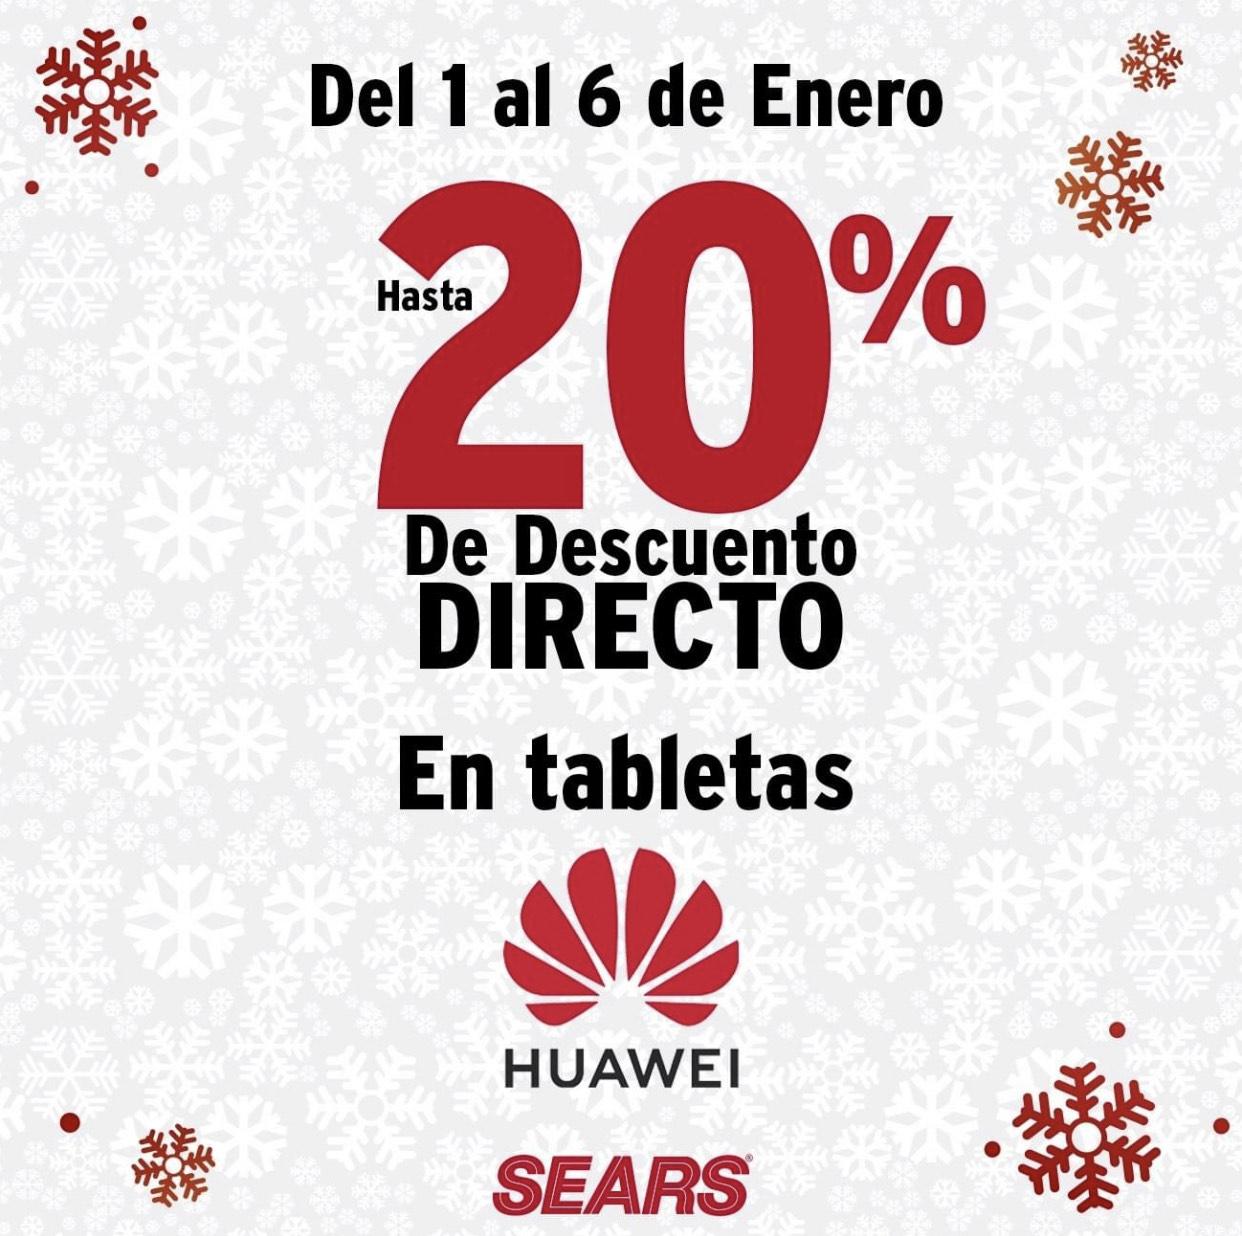 Sears: 20% de descuento en Tabletas Huawei